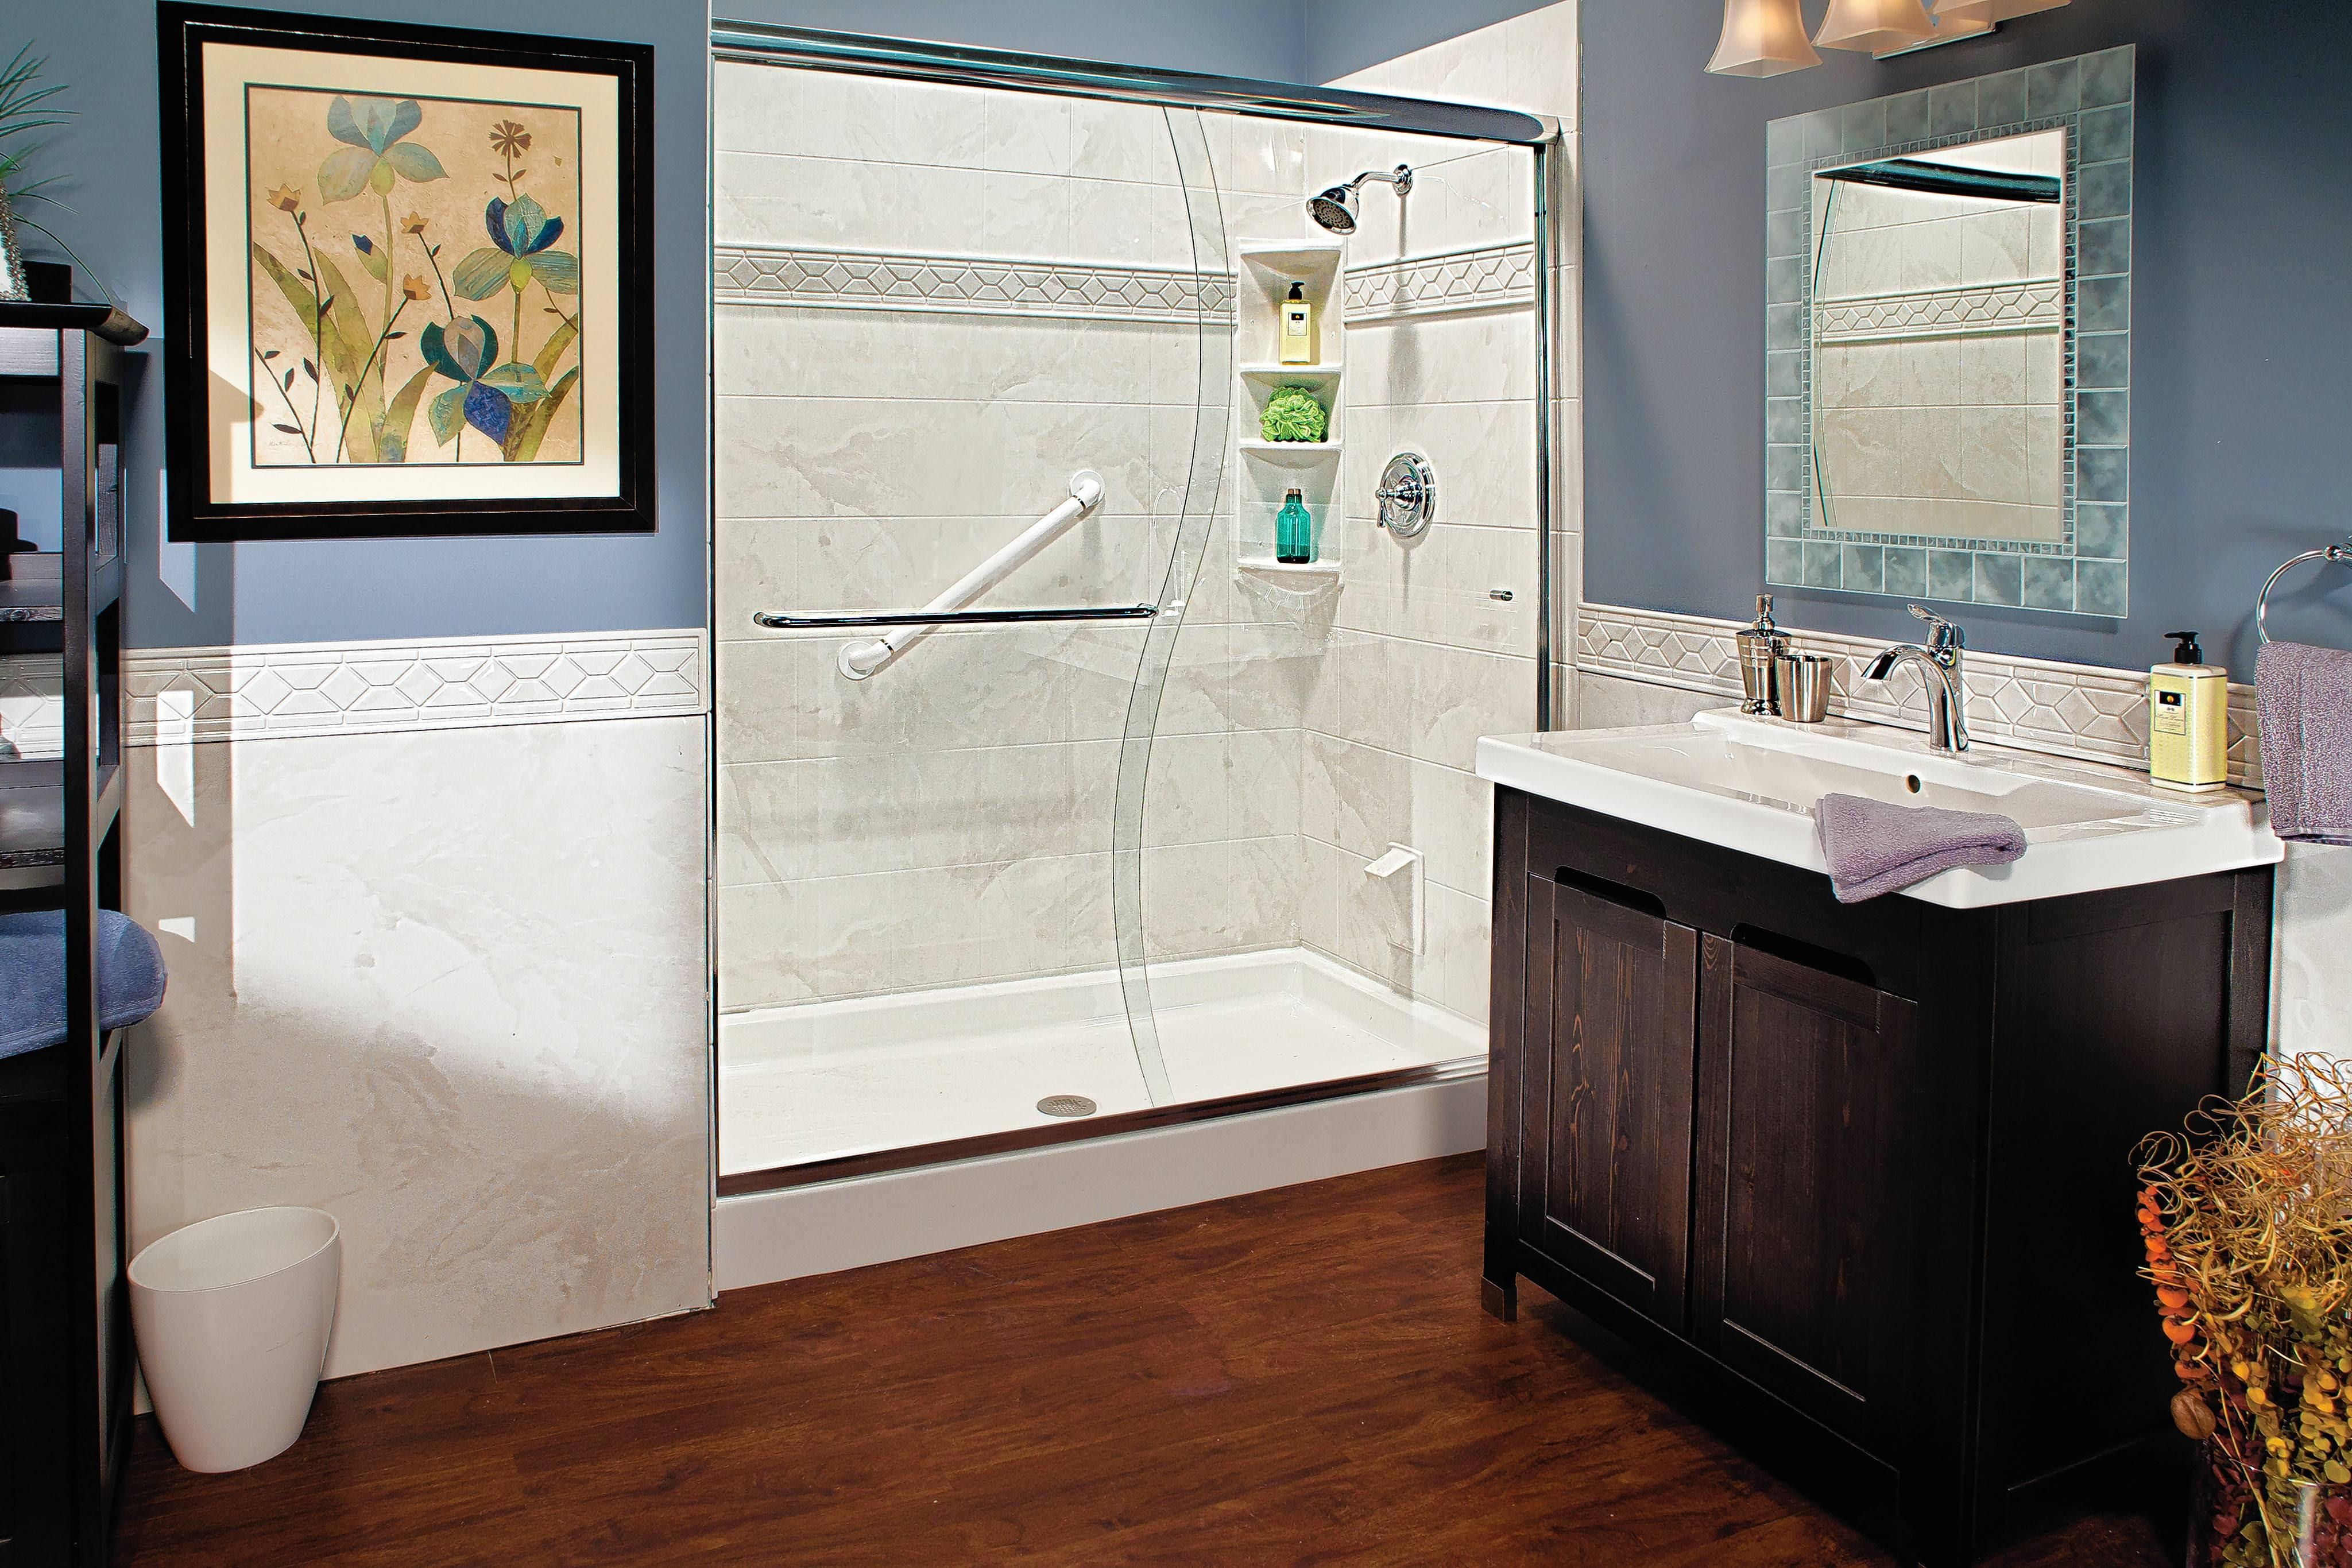 Bathroom Planet Home Design Ideas and